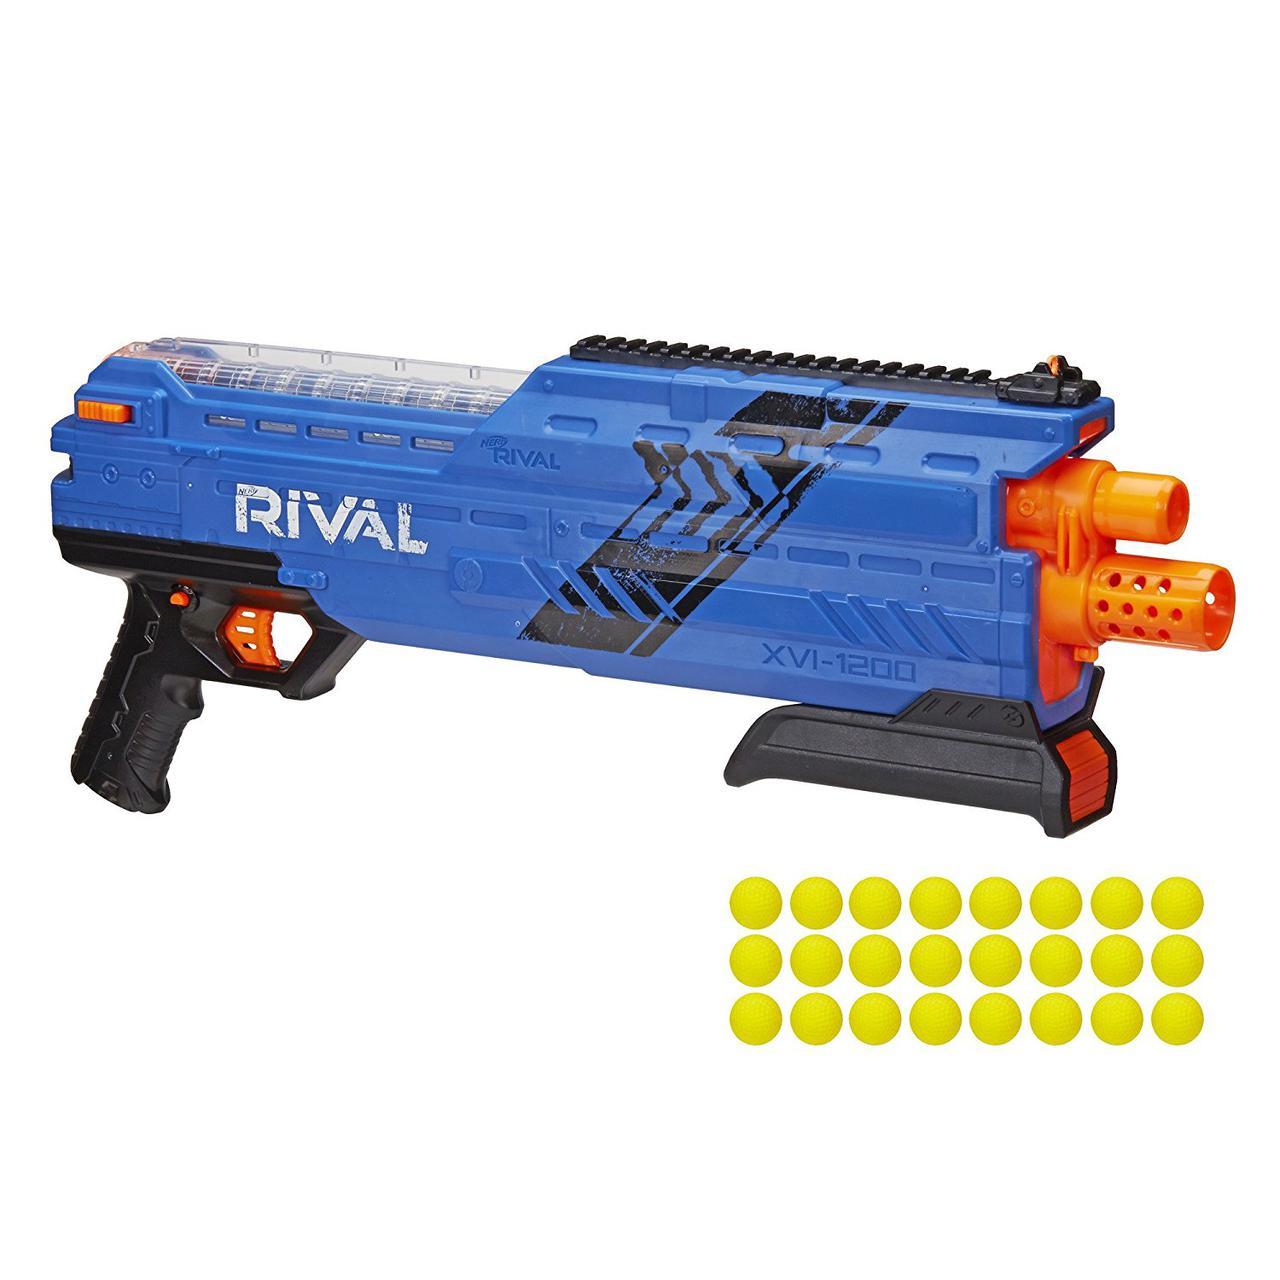 Бластер Нерф детское оружие Райвал Атлас Nerf Rival Atlas XVI-1200 BLUE